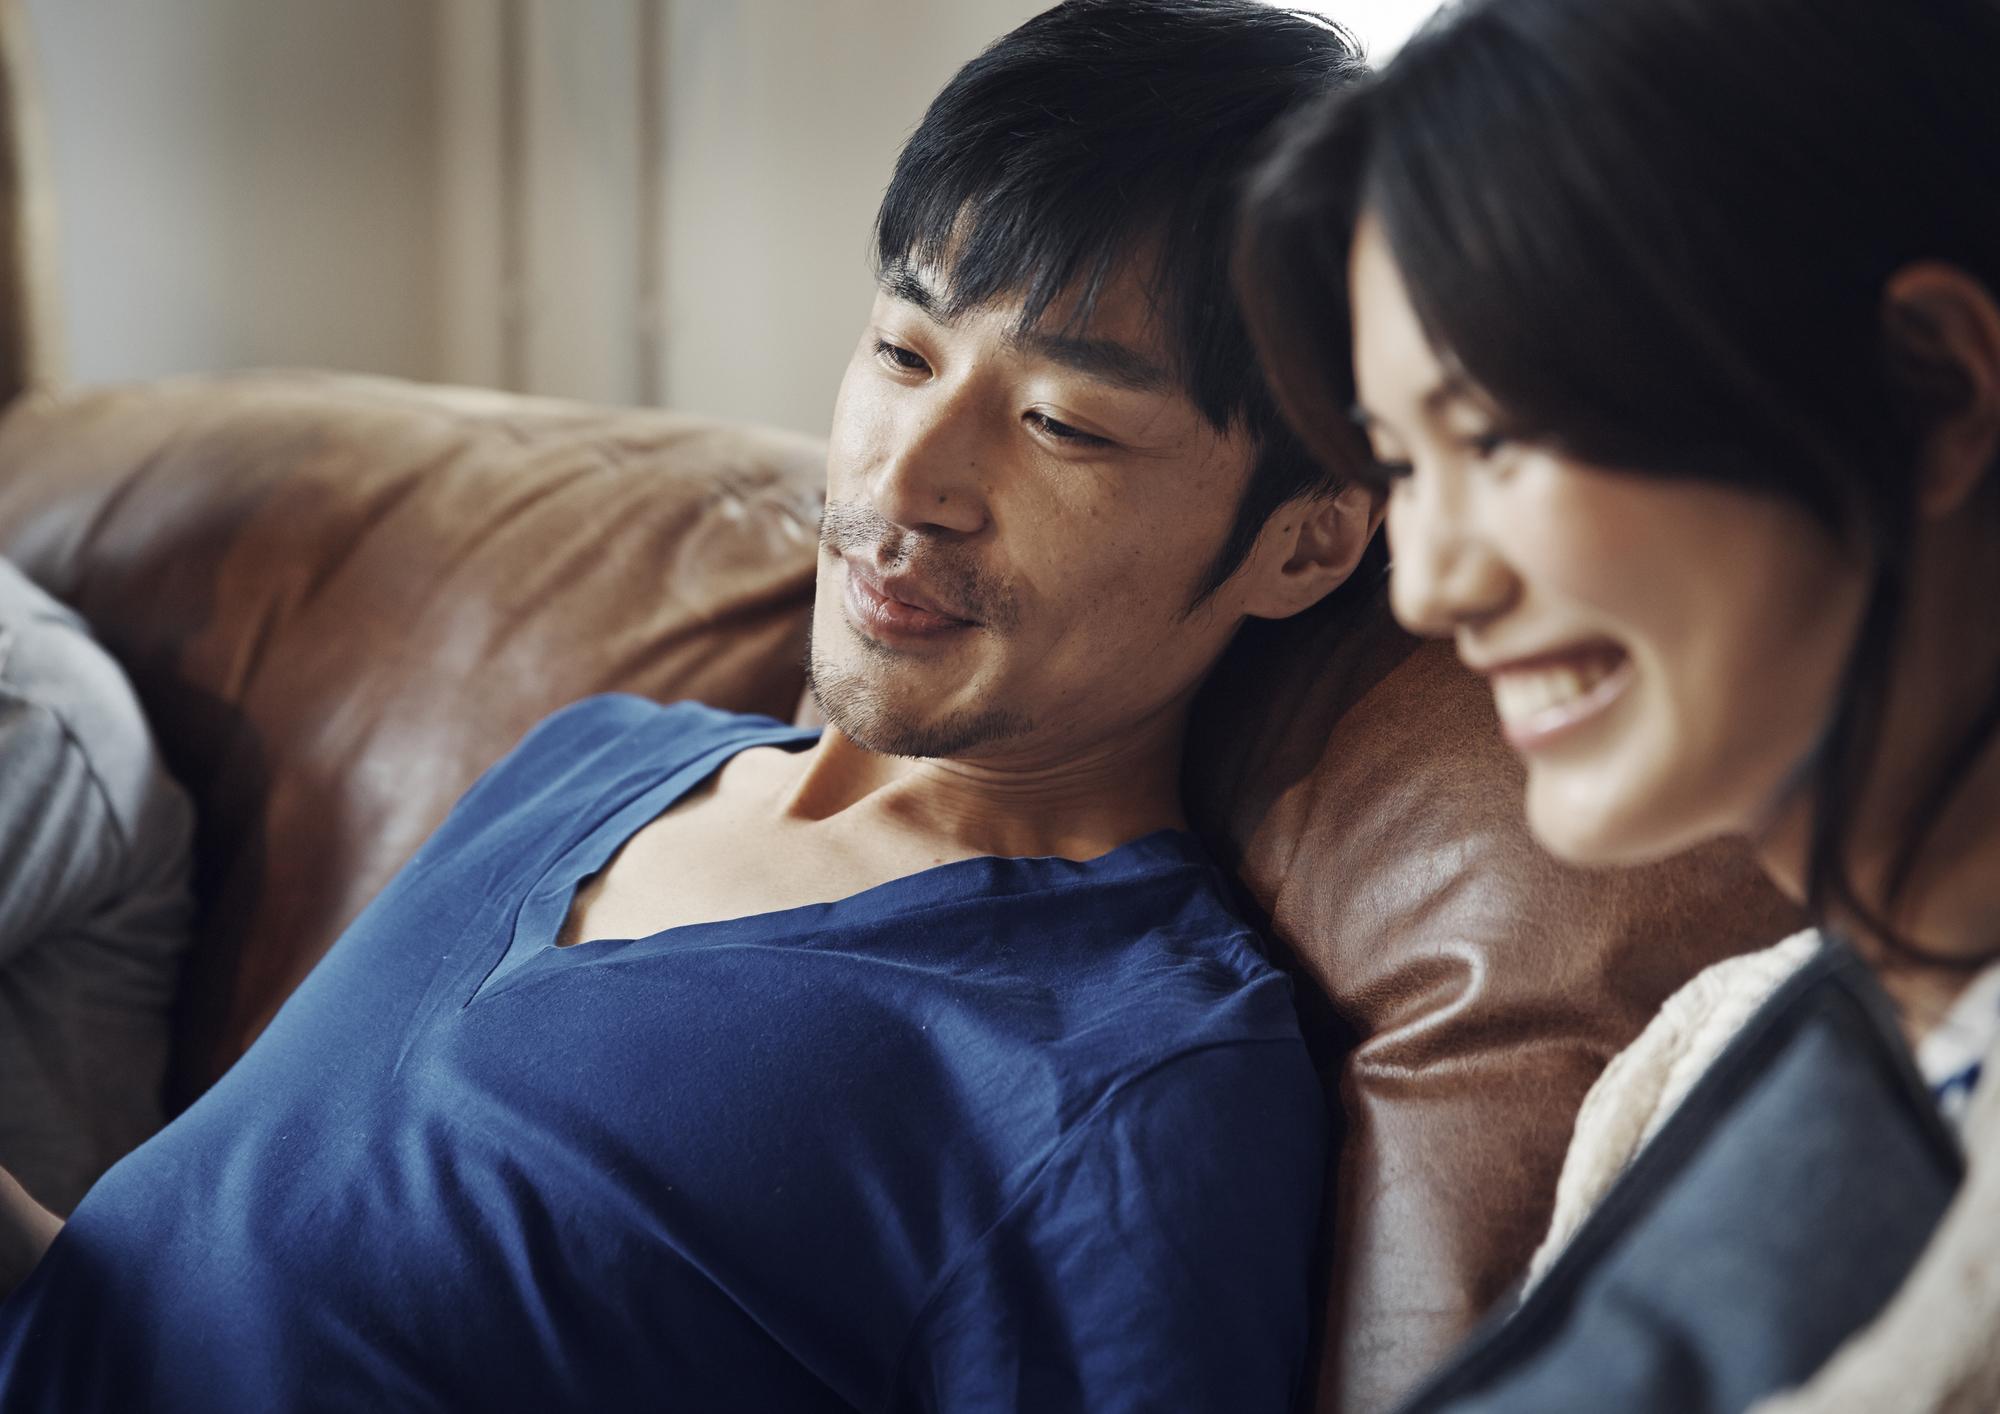 Những cách 'quản lý' chồng của phụ nữ khiến đàn ông ghét cay ghét đắng nhưng khó nói ra - Ảnh 6